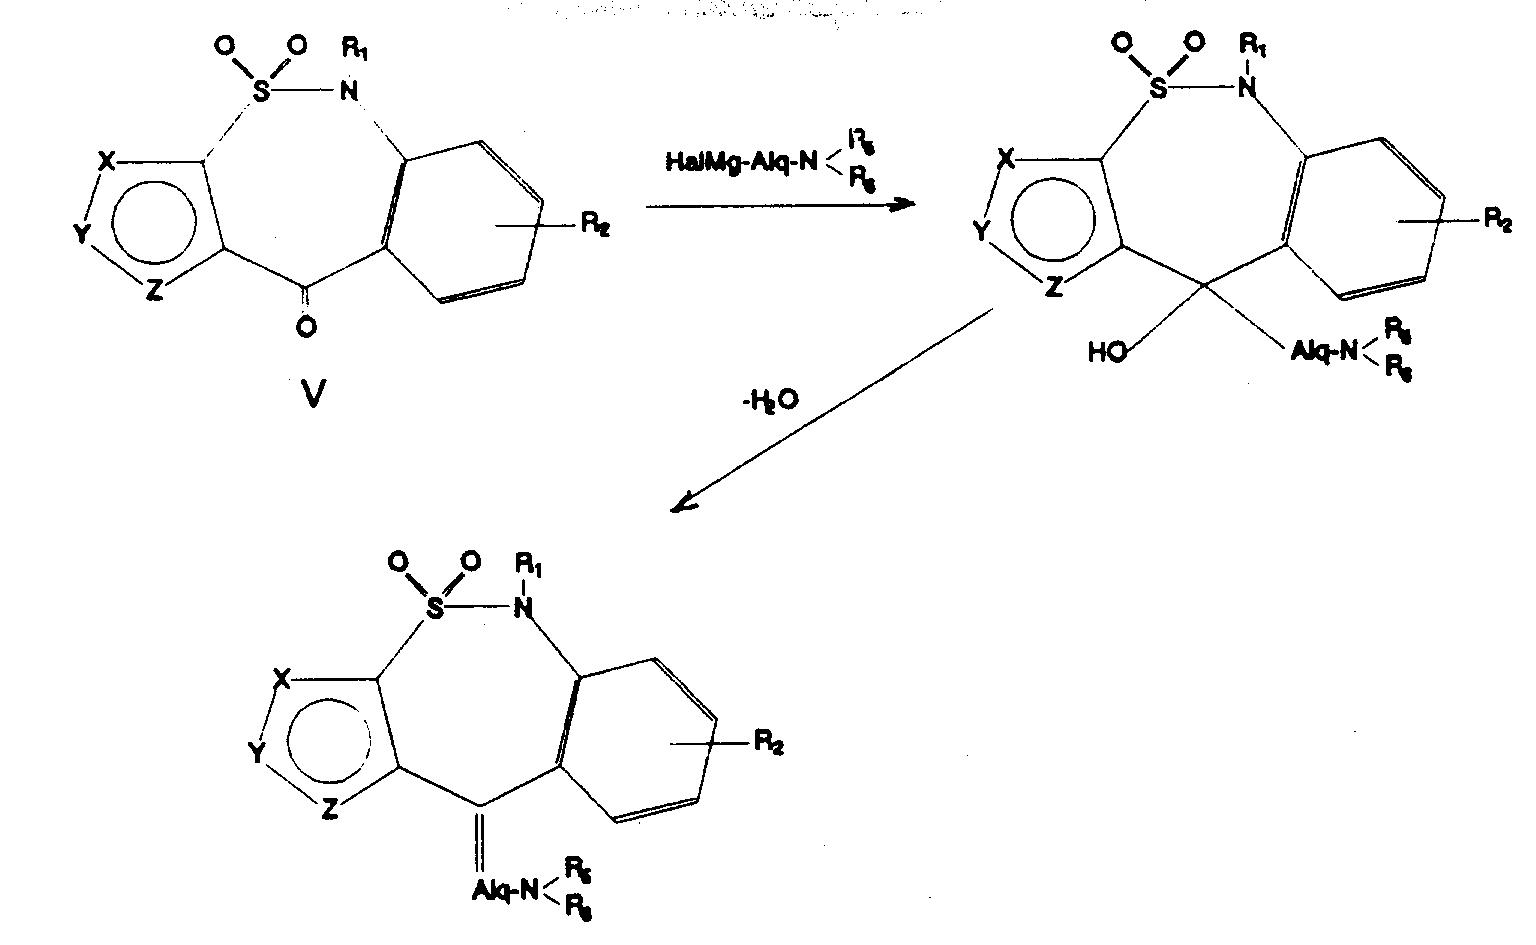 patente ep0547705a1